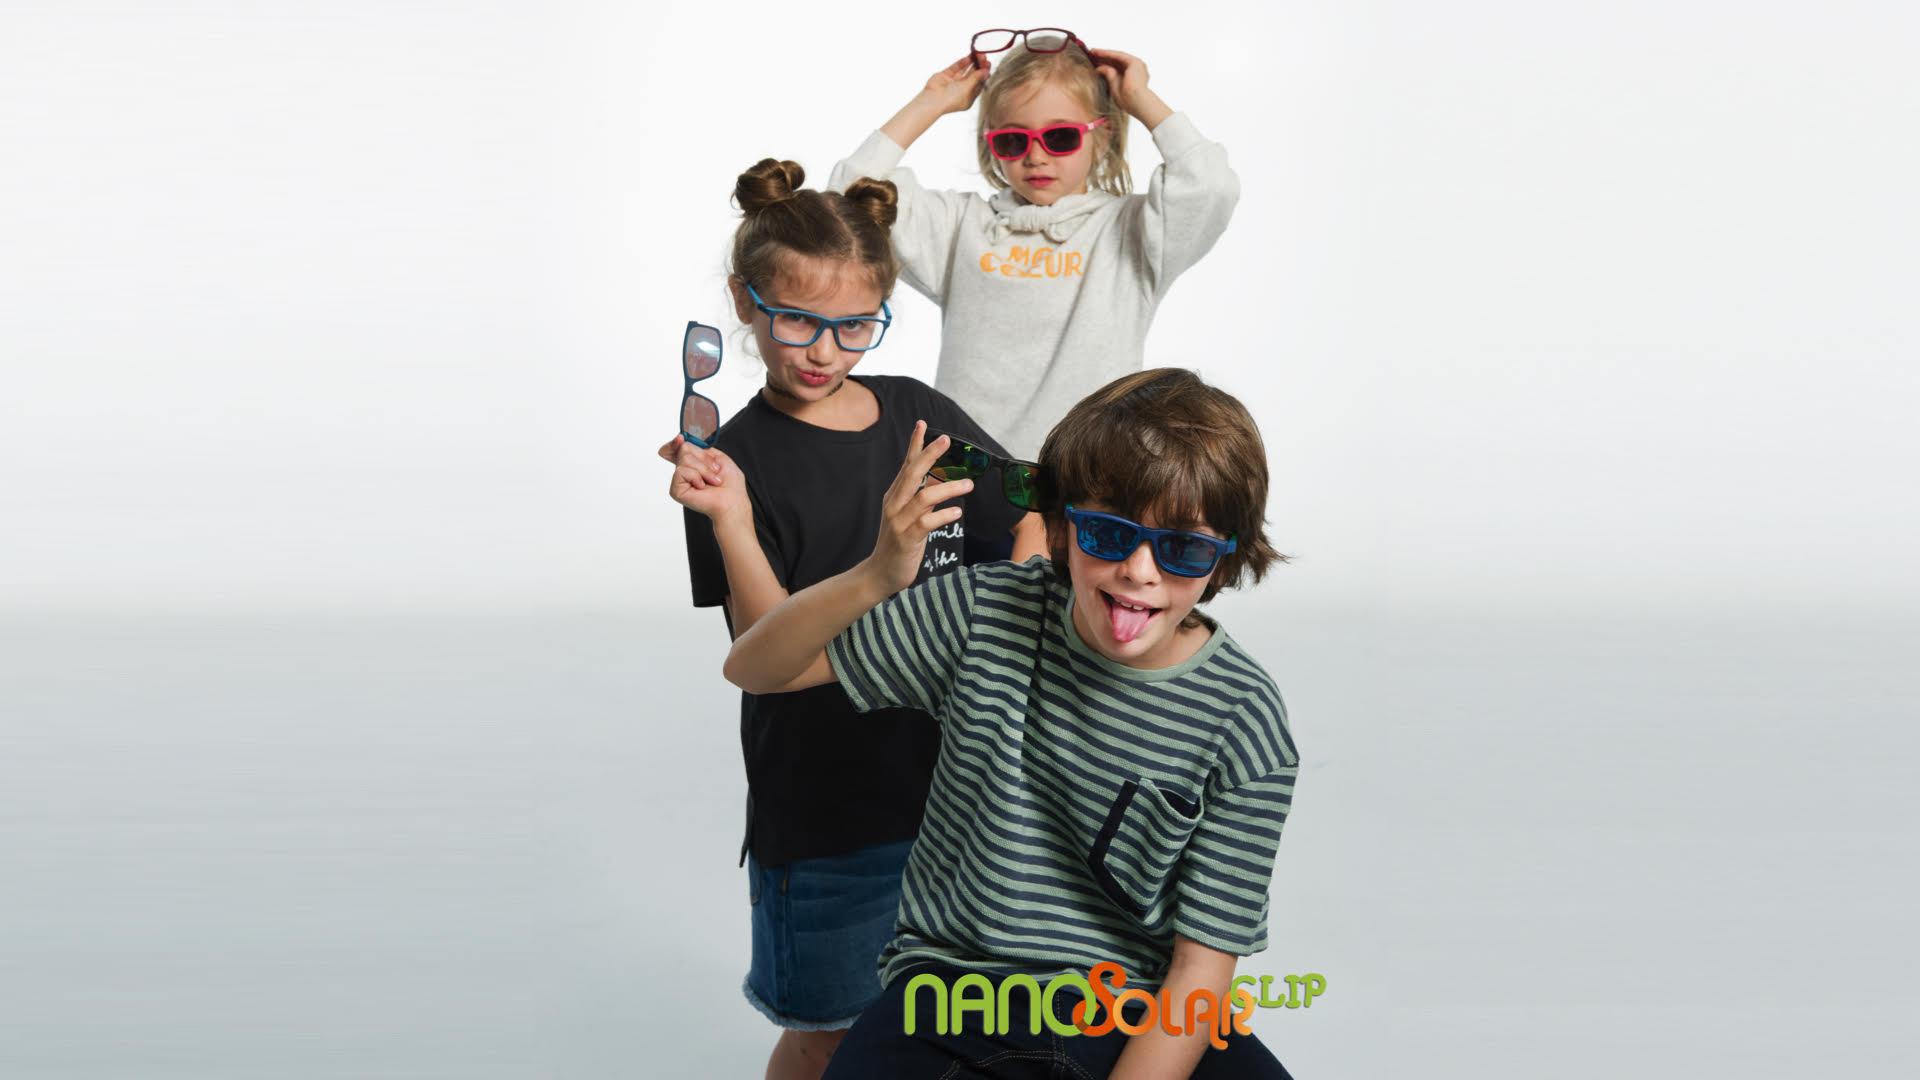 Nano Vista Campaign Image